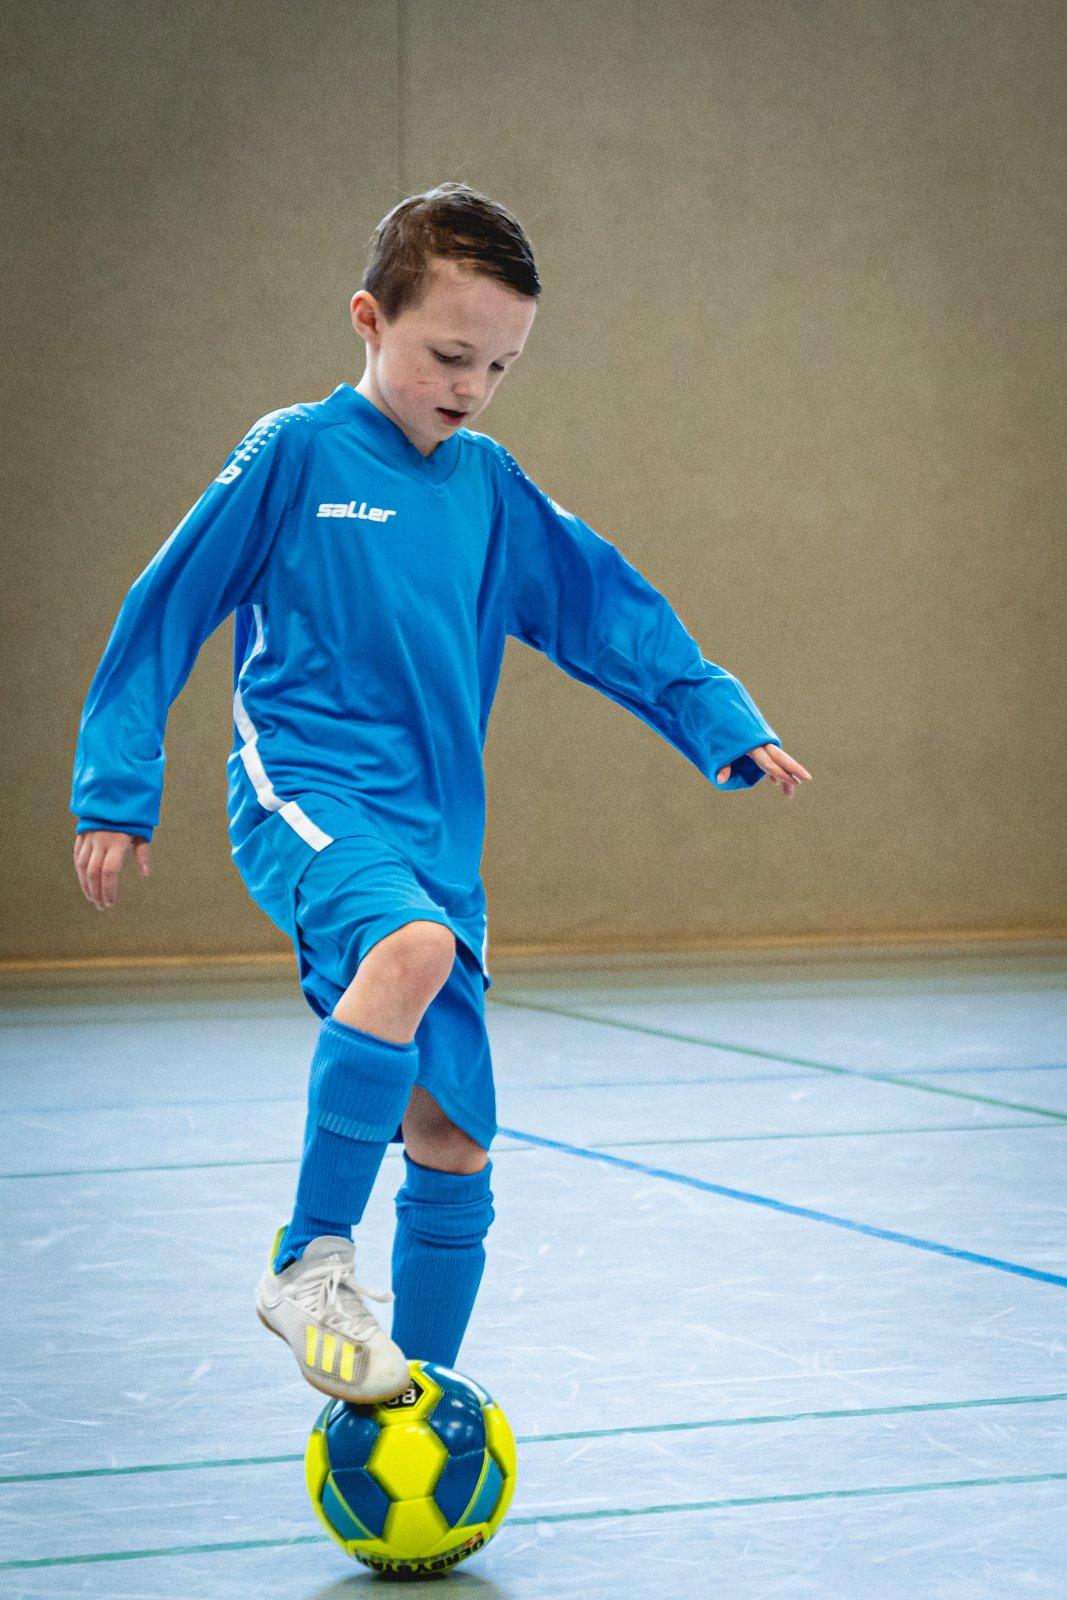 FussballPro Akademie Februar 2020 Foto 23